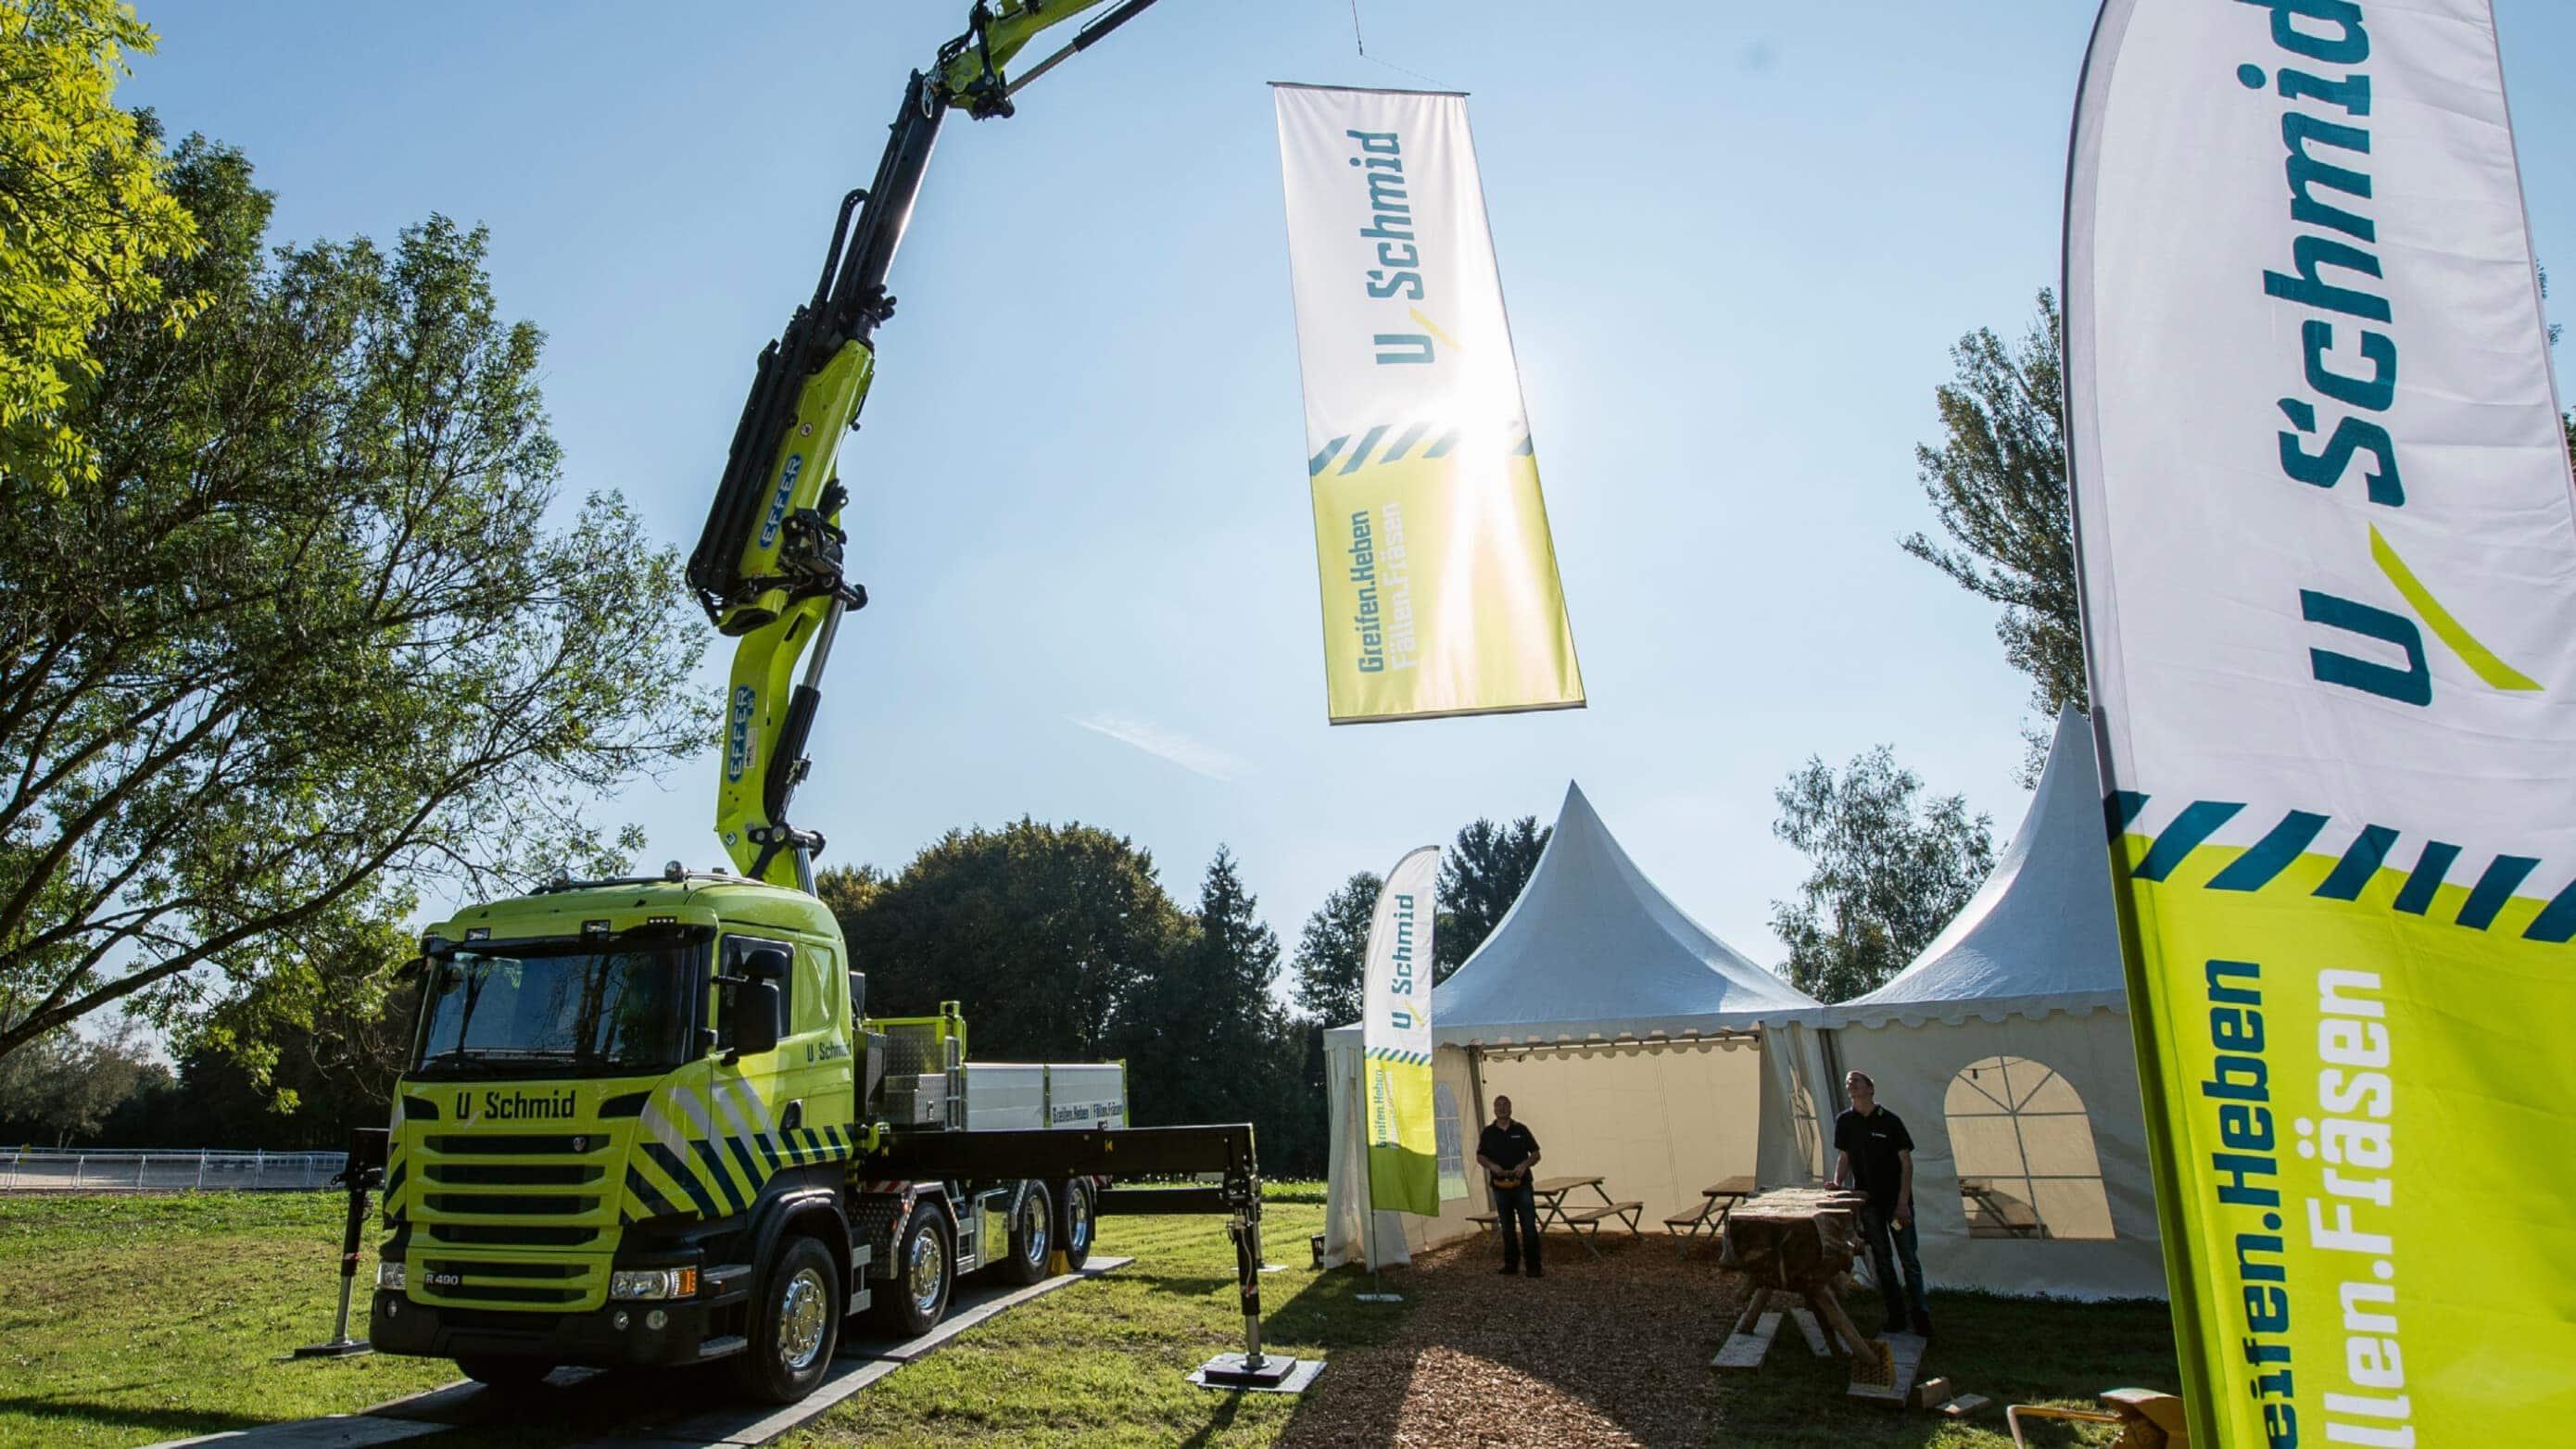 Uschmid AG Lastwagen Beschriftung Fahnen